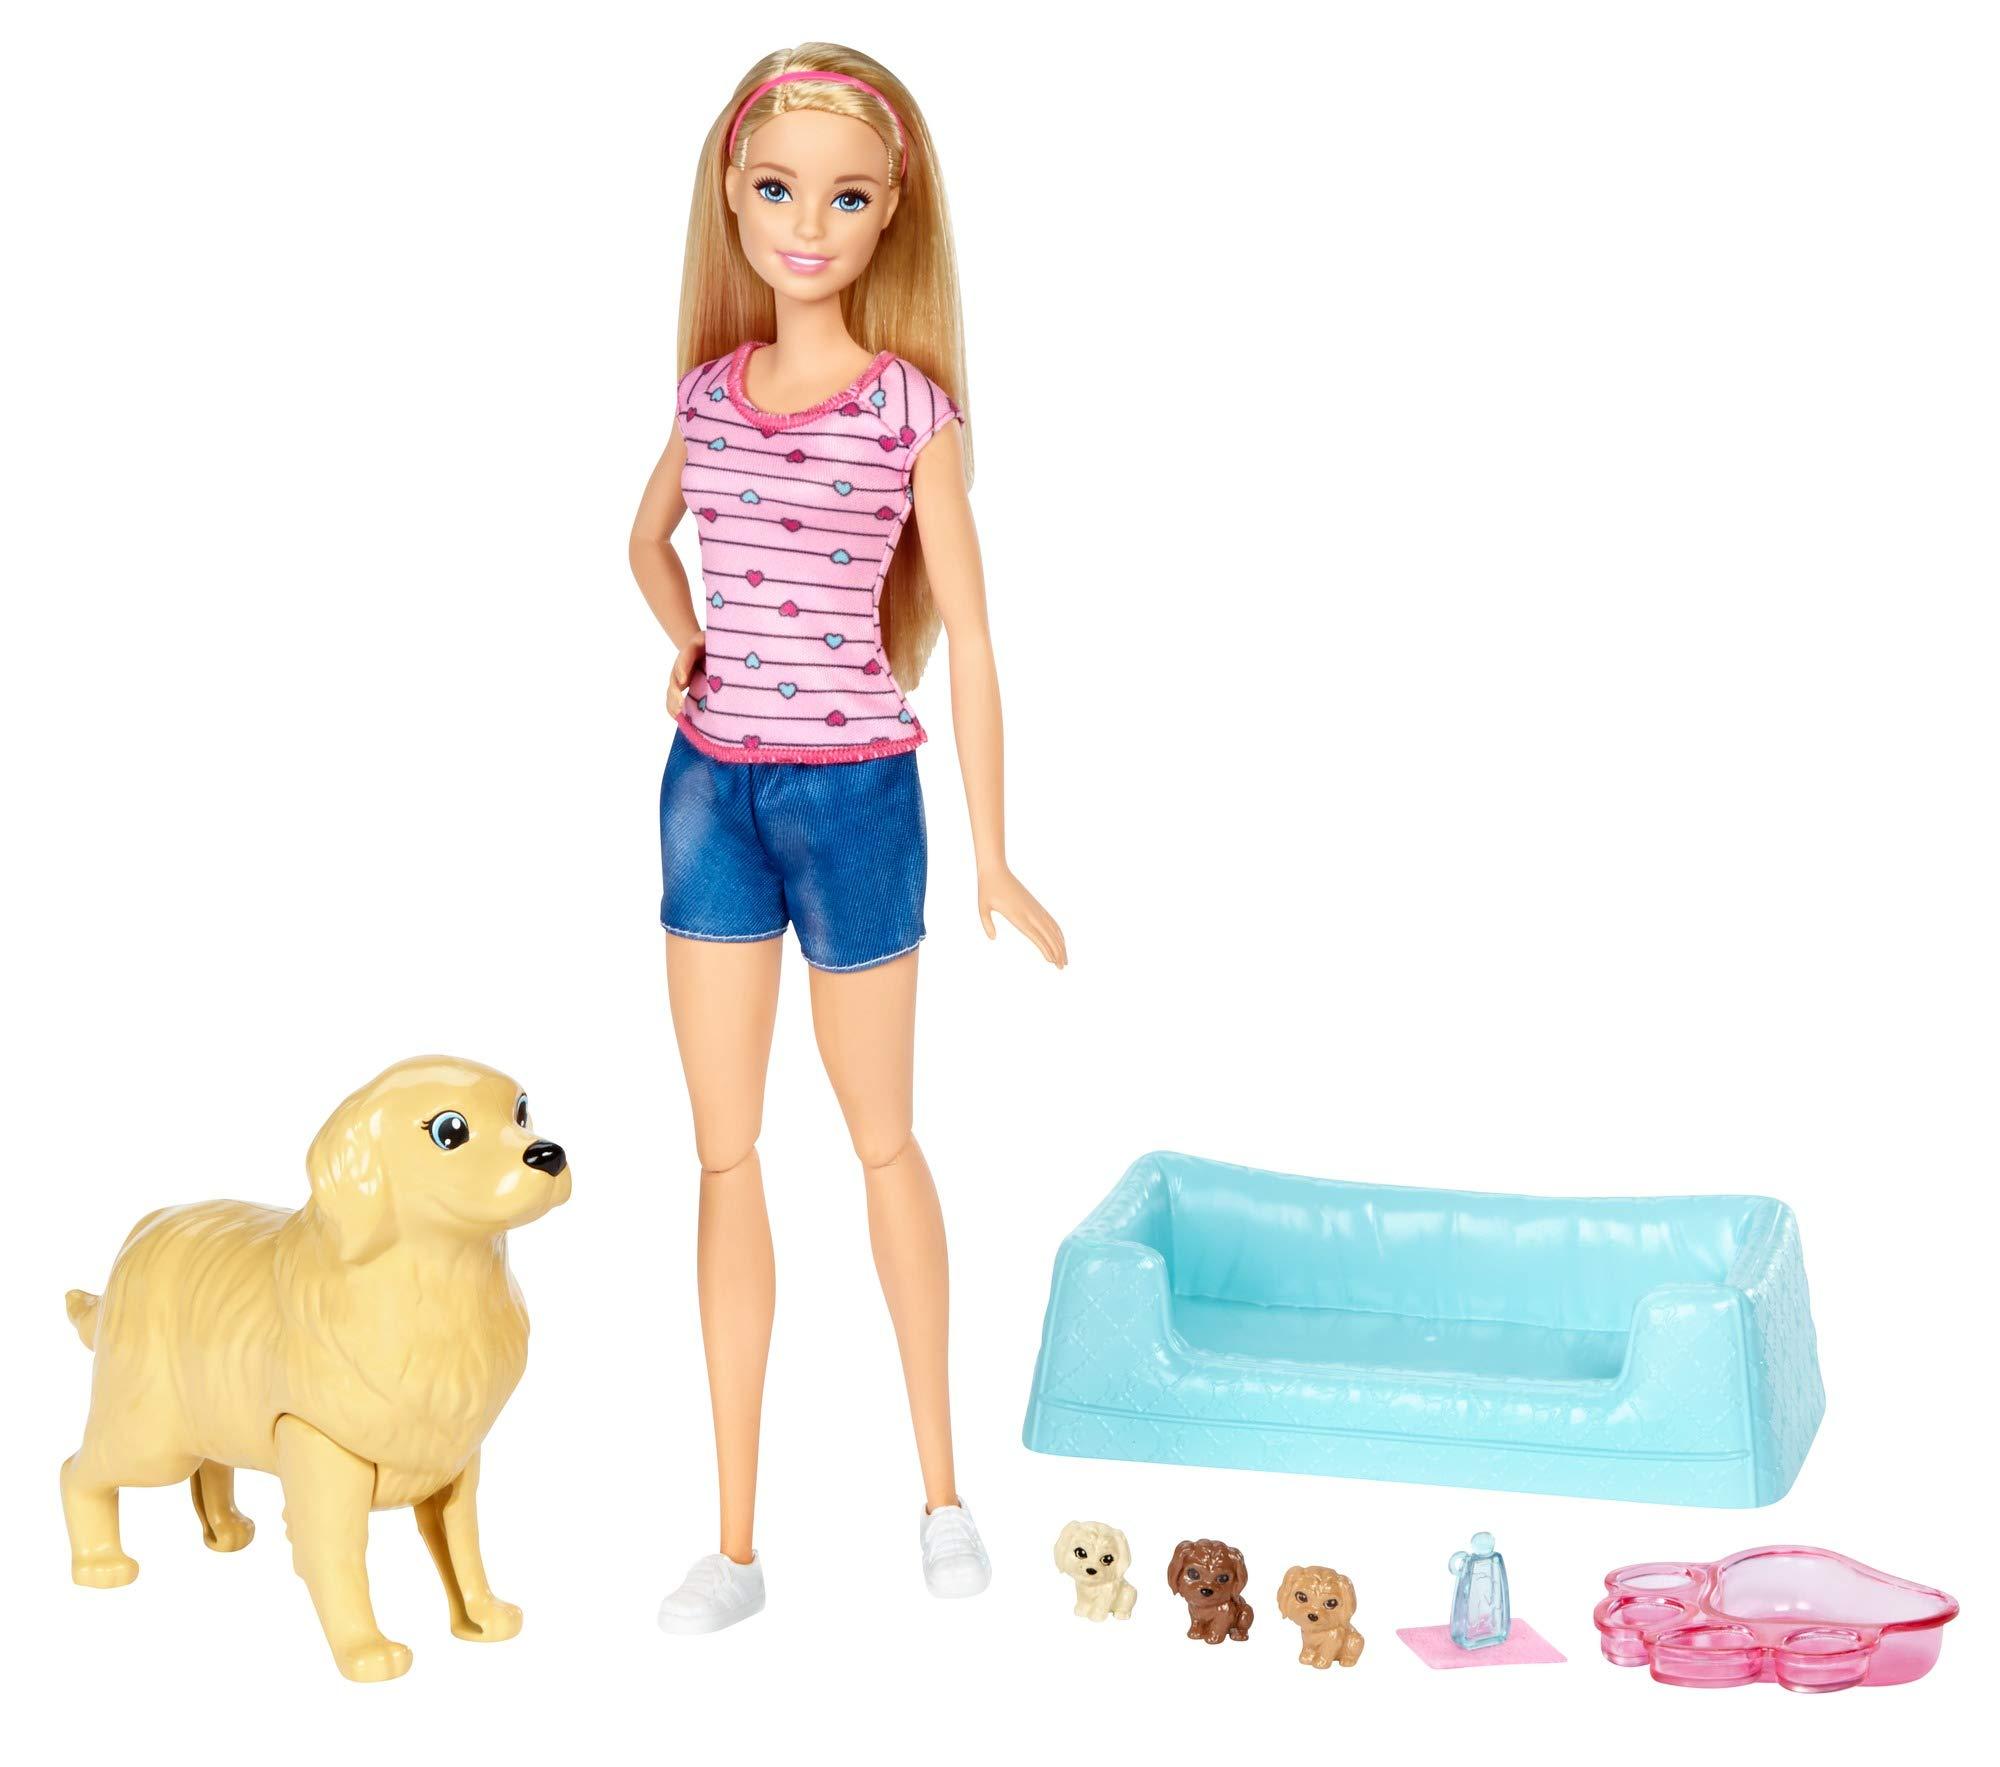 Barbie y sus perritos sorpresa, muñeca con accesorios (Mattel FDD43) product image